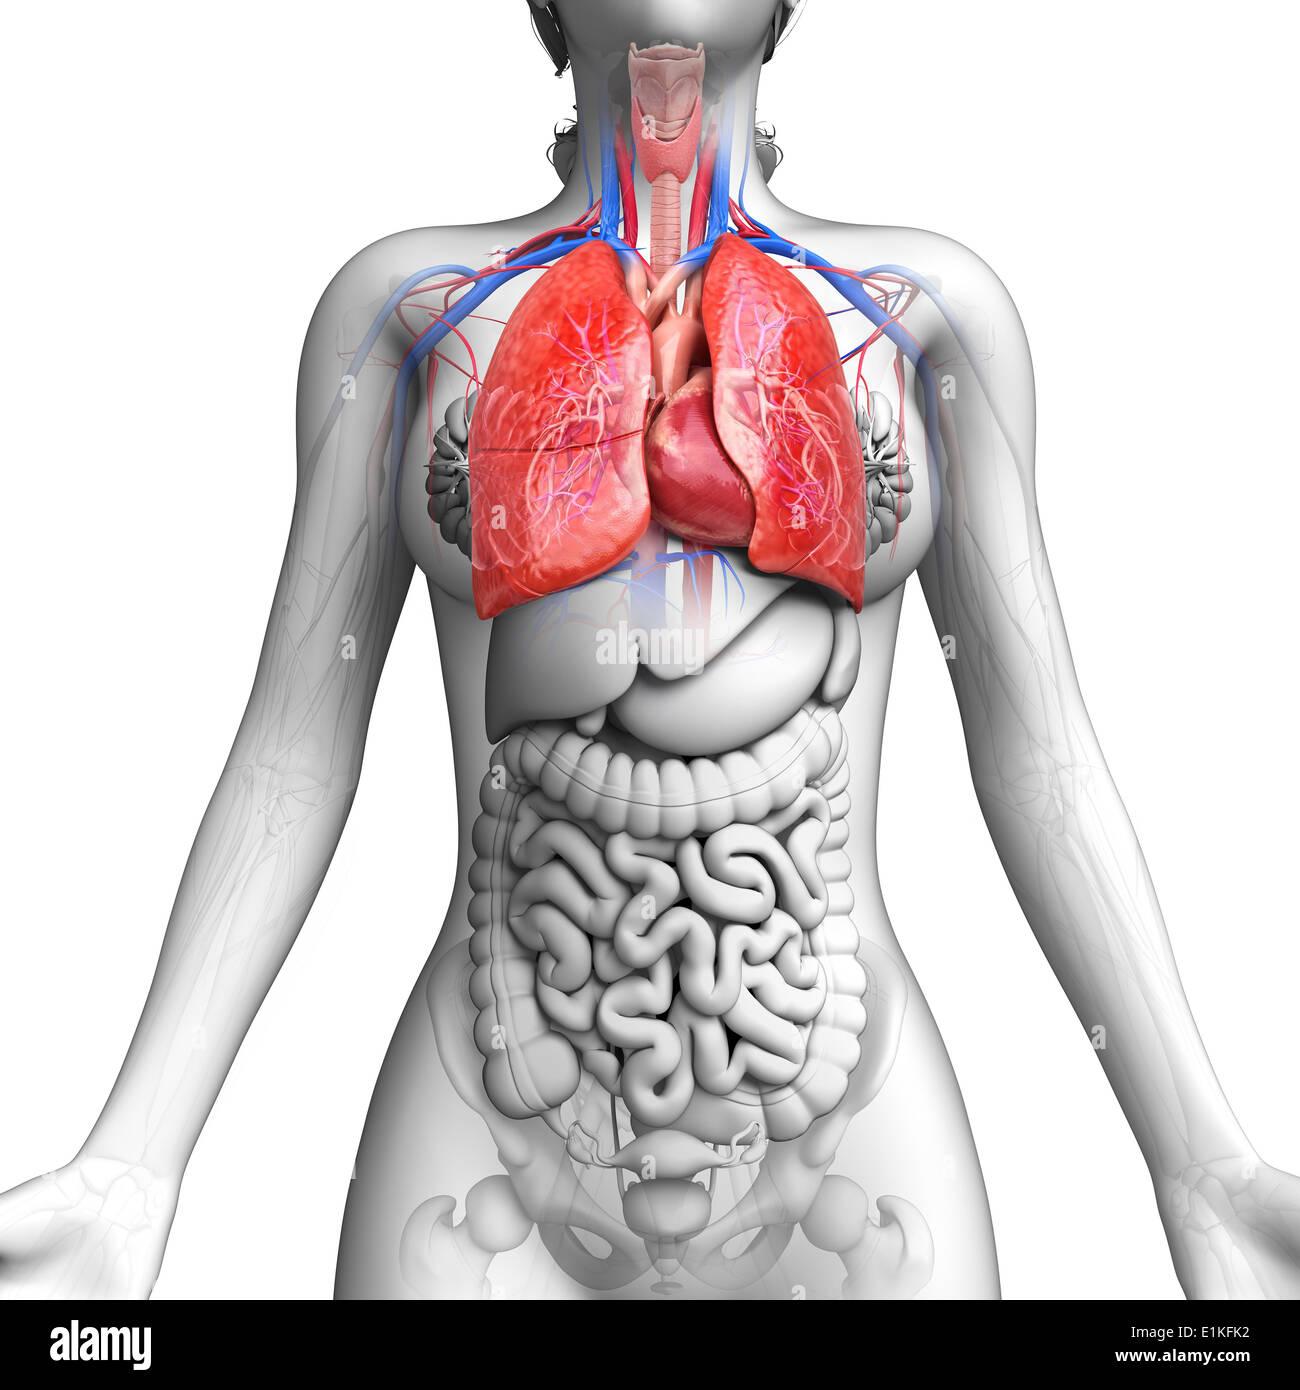 Fein Weibliche Anatomie Vergnügen Ideen - Anatomie Ideen - finotti.info